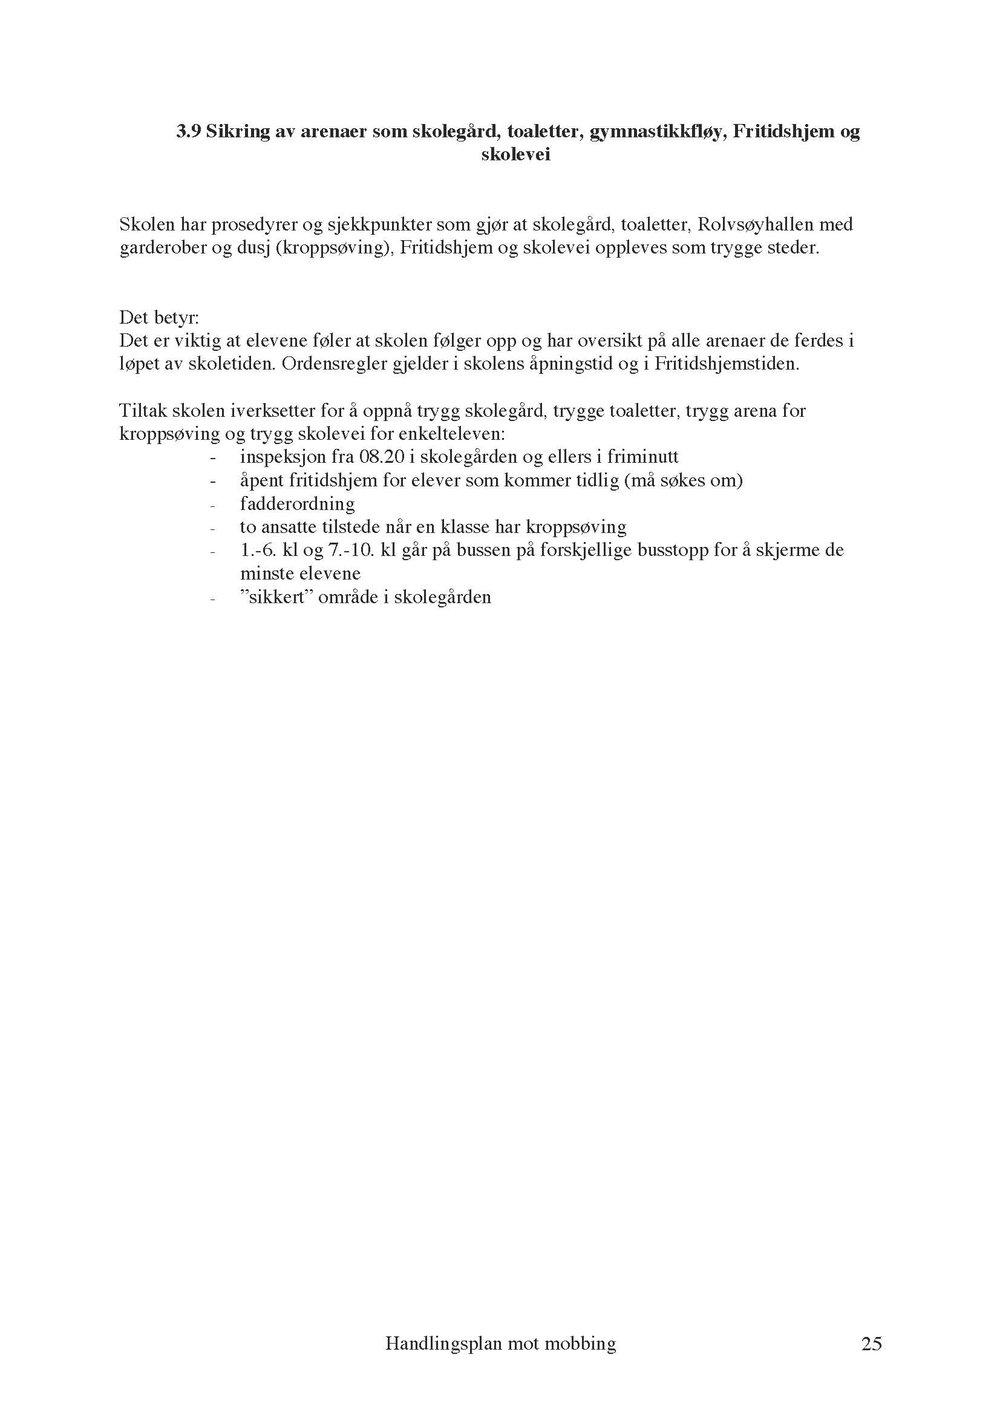 Handlingsplan mot mobbing _Page_25.jpg